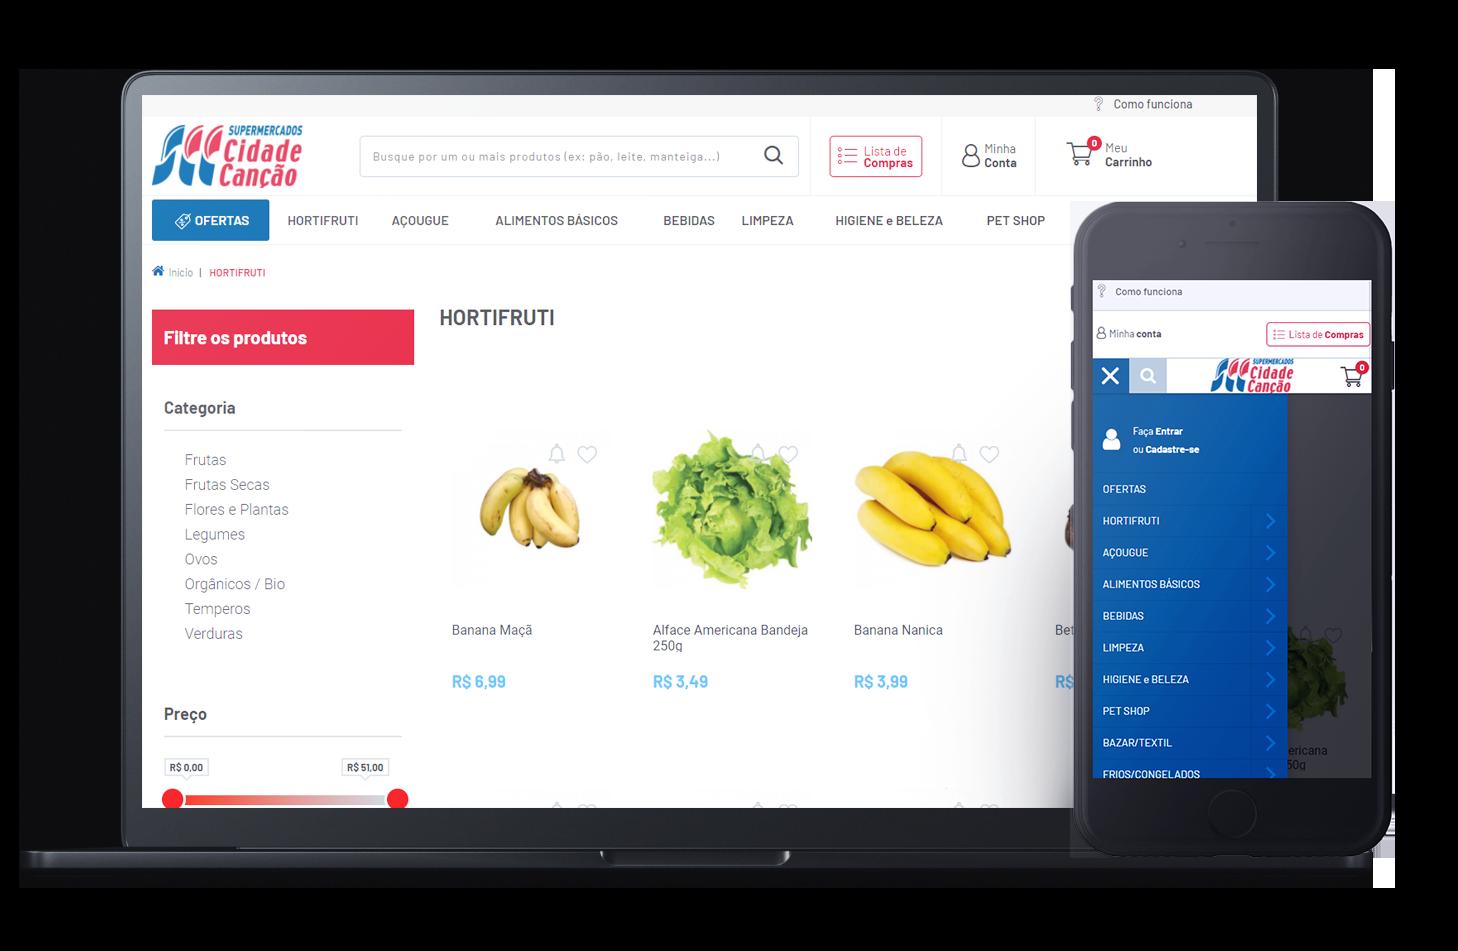 Mockup da loja virtual Supermercados Cidade Canção, desenvolvida com a Plataforma de E-commerce Magento Bis2Bis